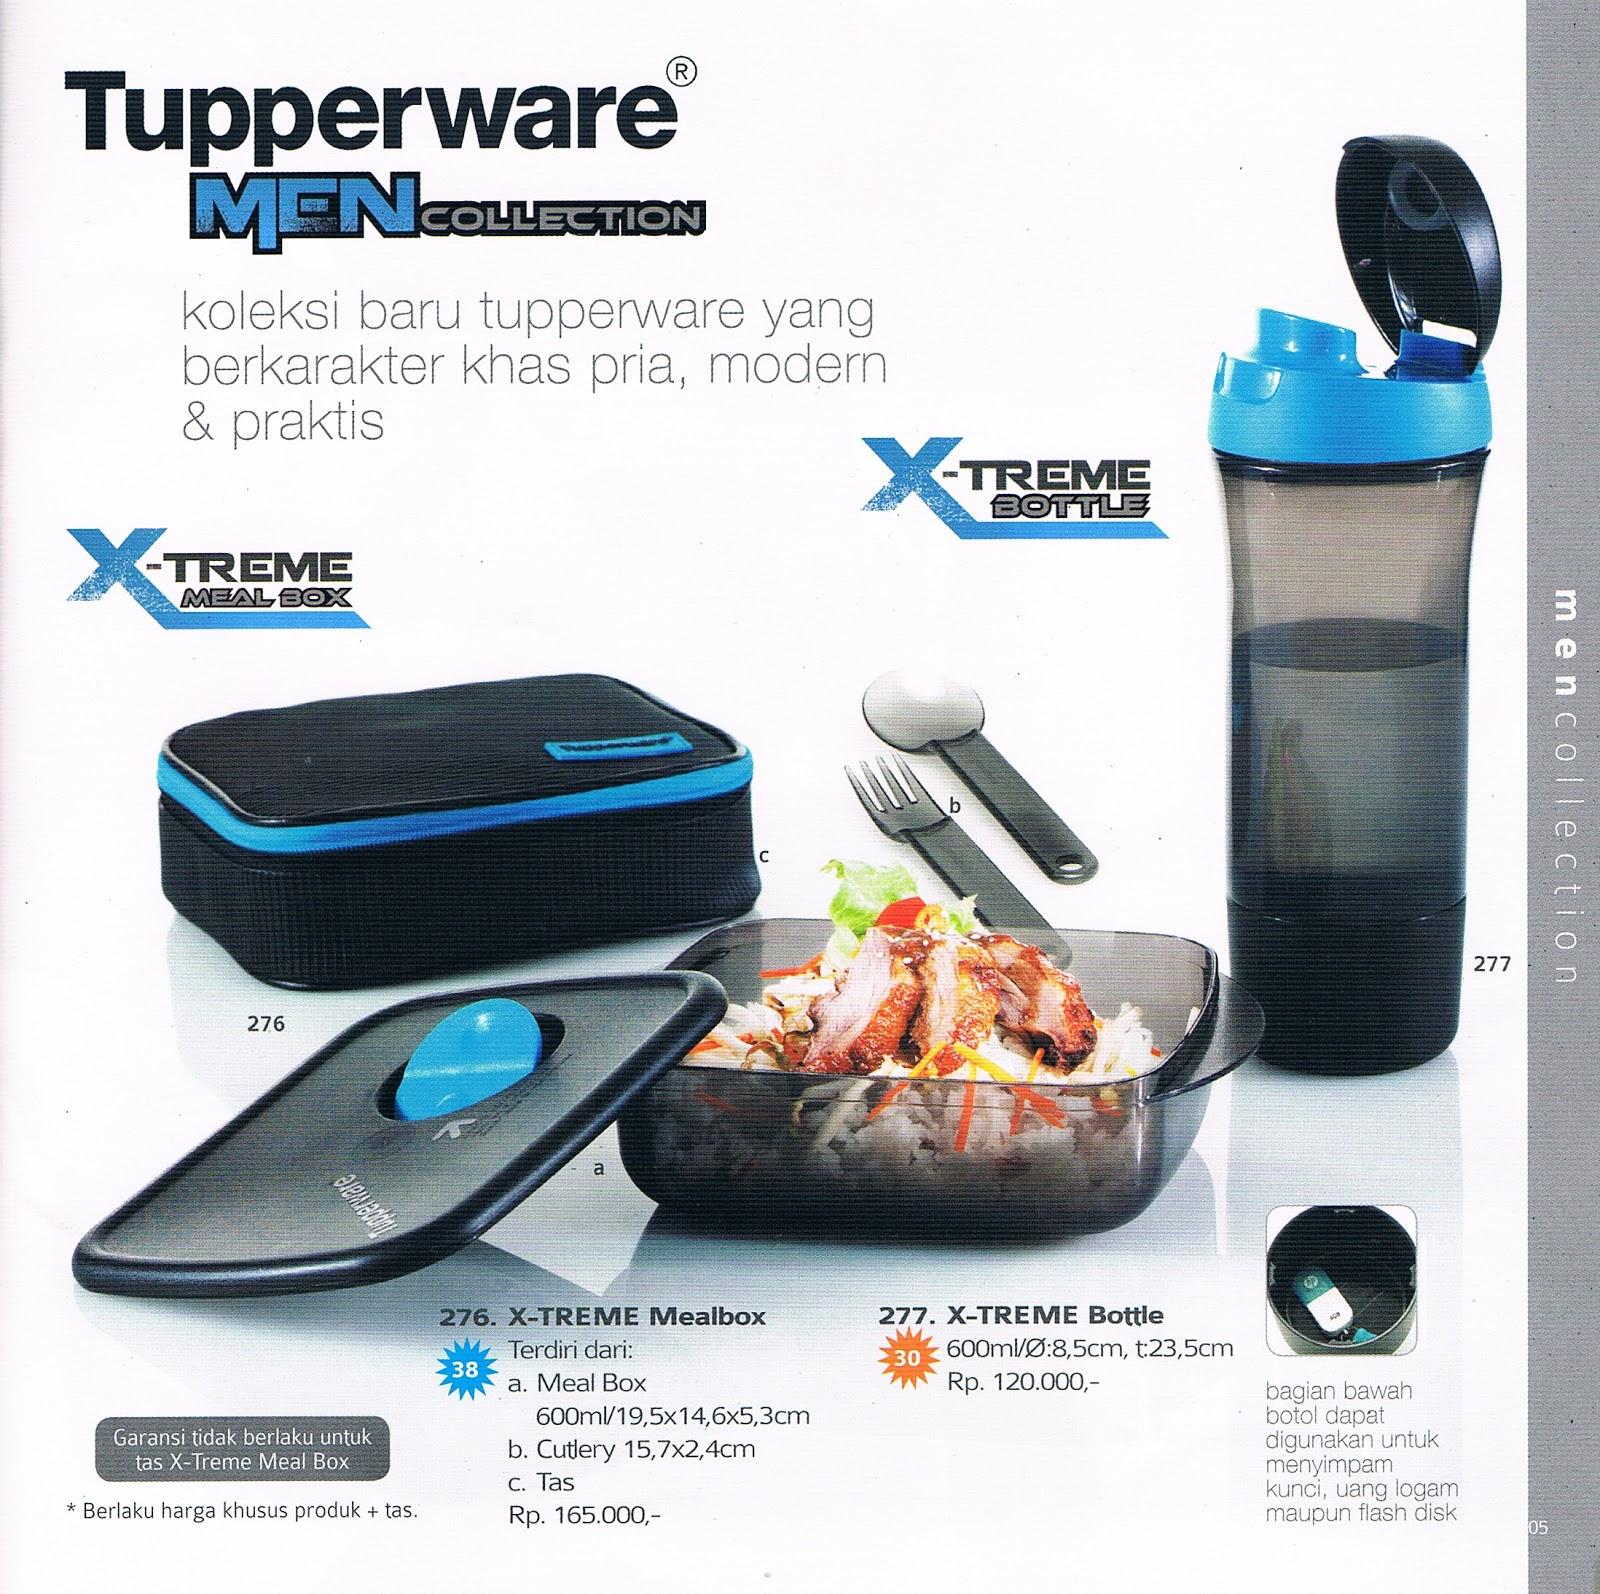 Katalog Reguler Terbaru Tupperware Edisi November 2012 Picture